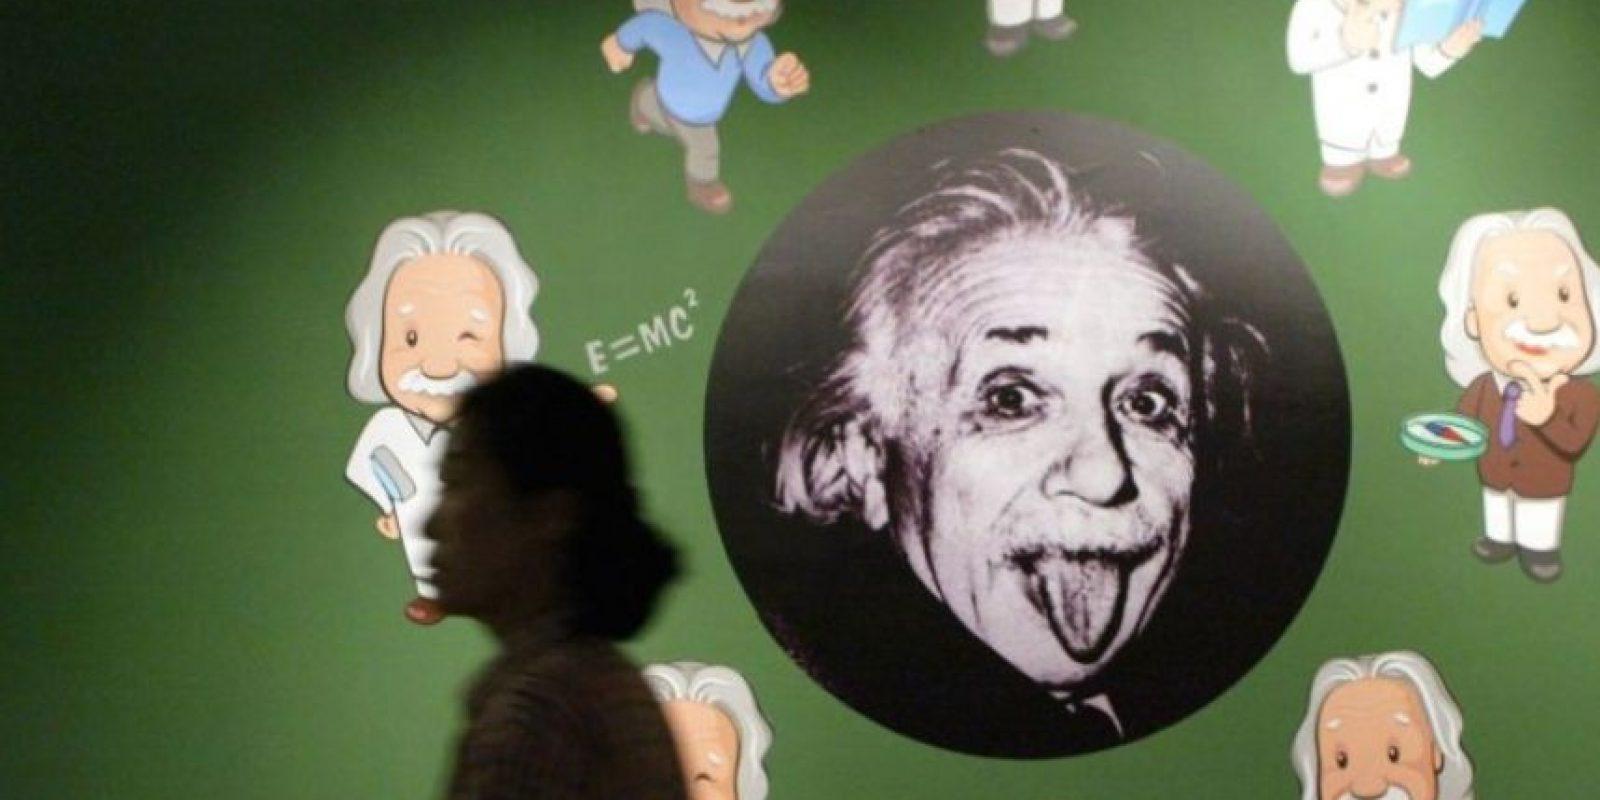 3. Problemas físicos en su infancia- Al nacer sus padres notaron que tenía la cabeza más grande y creyeron que era una malformación. También sufrió sobrepeso. Foto:Getty Images